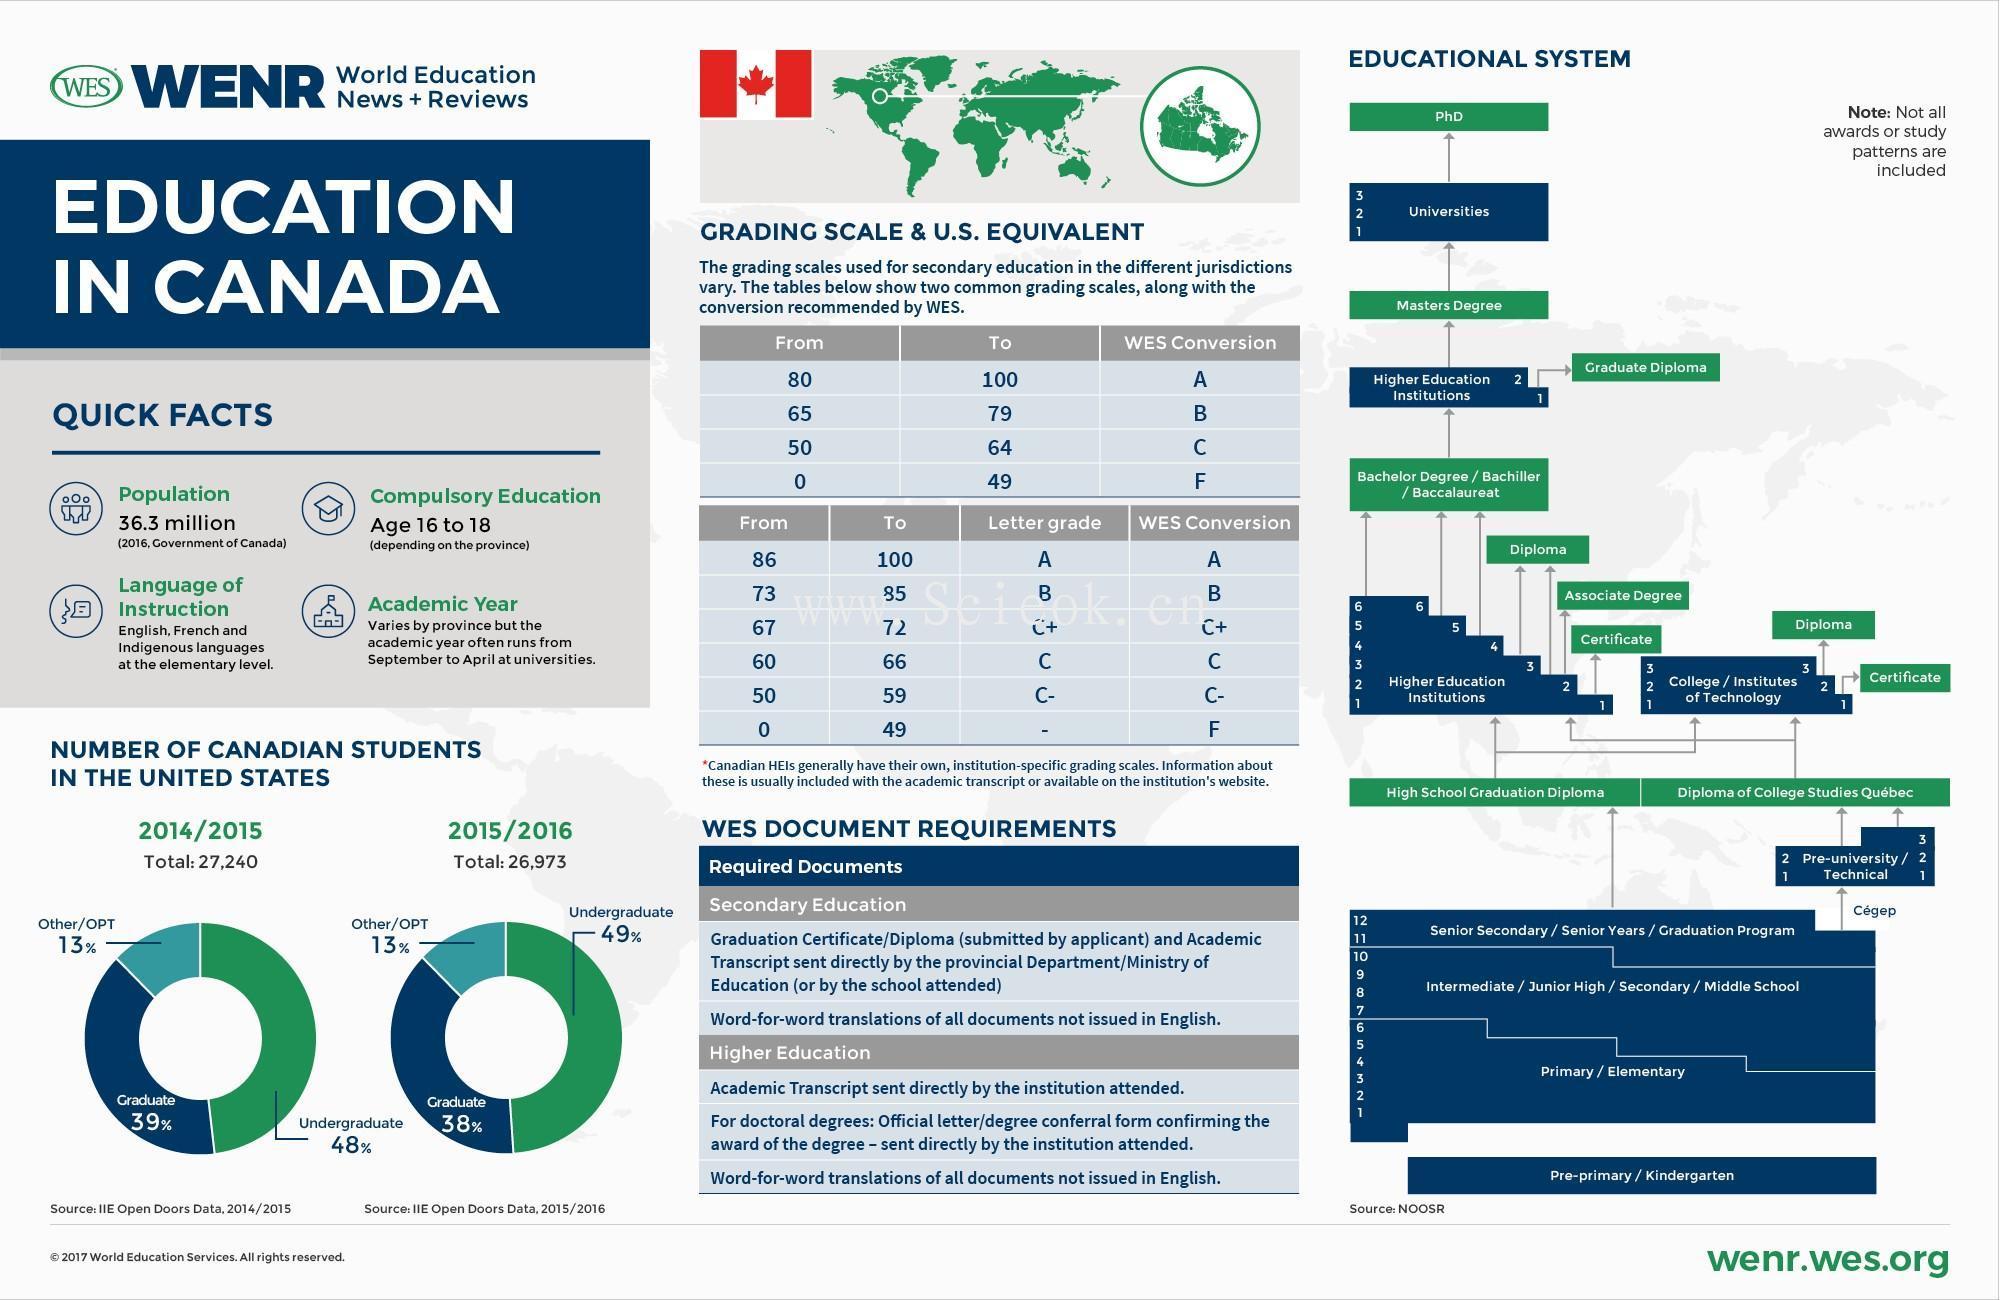 一组教育发达国家的教育体制与数据统计 (中美英德澳加荷韩阿联酋)  数据 第7张